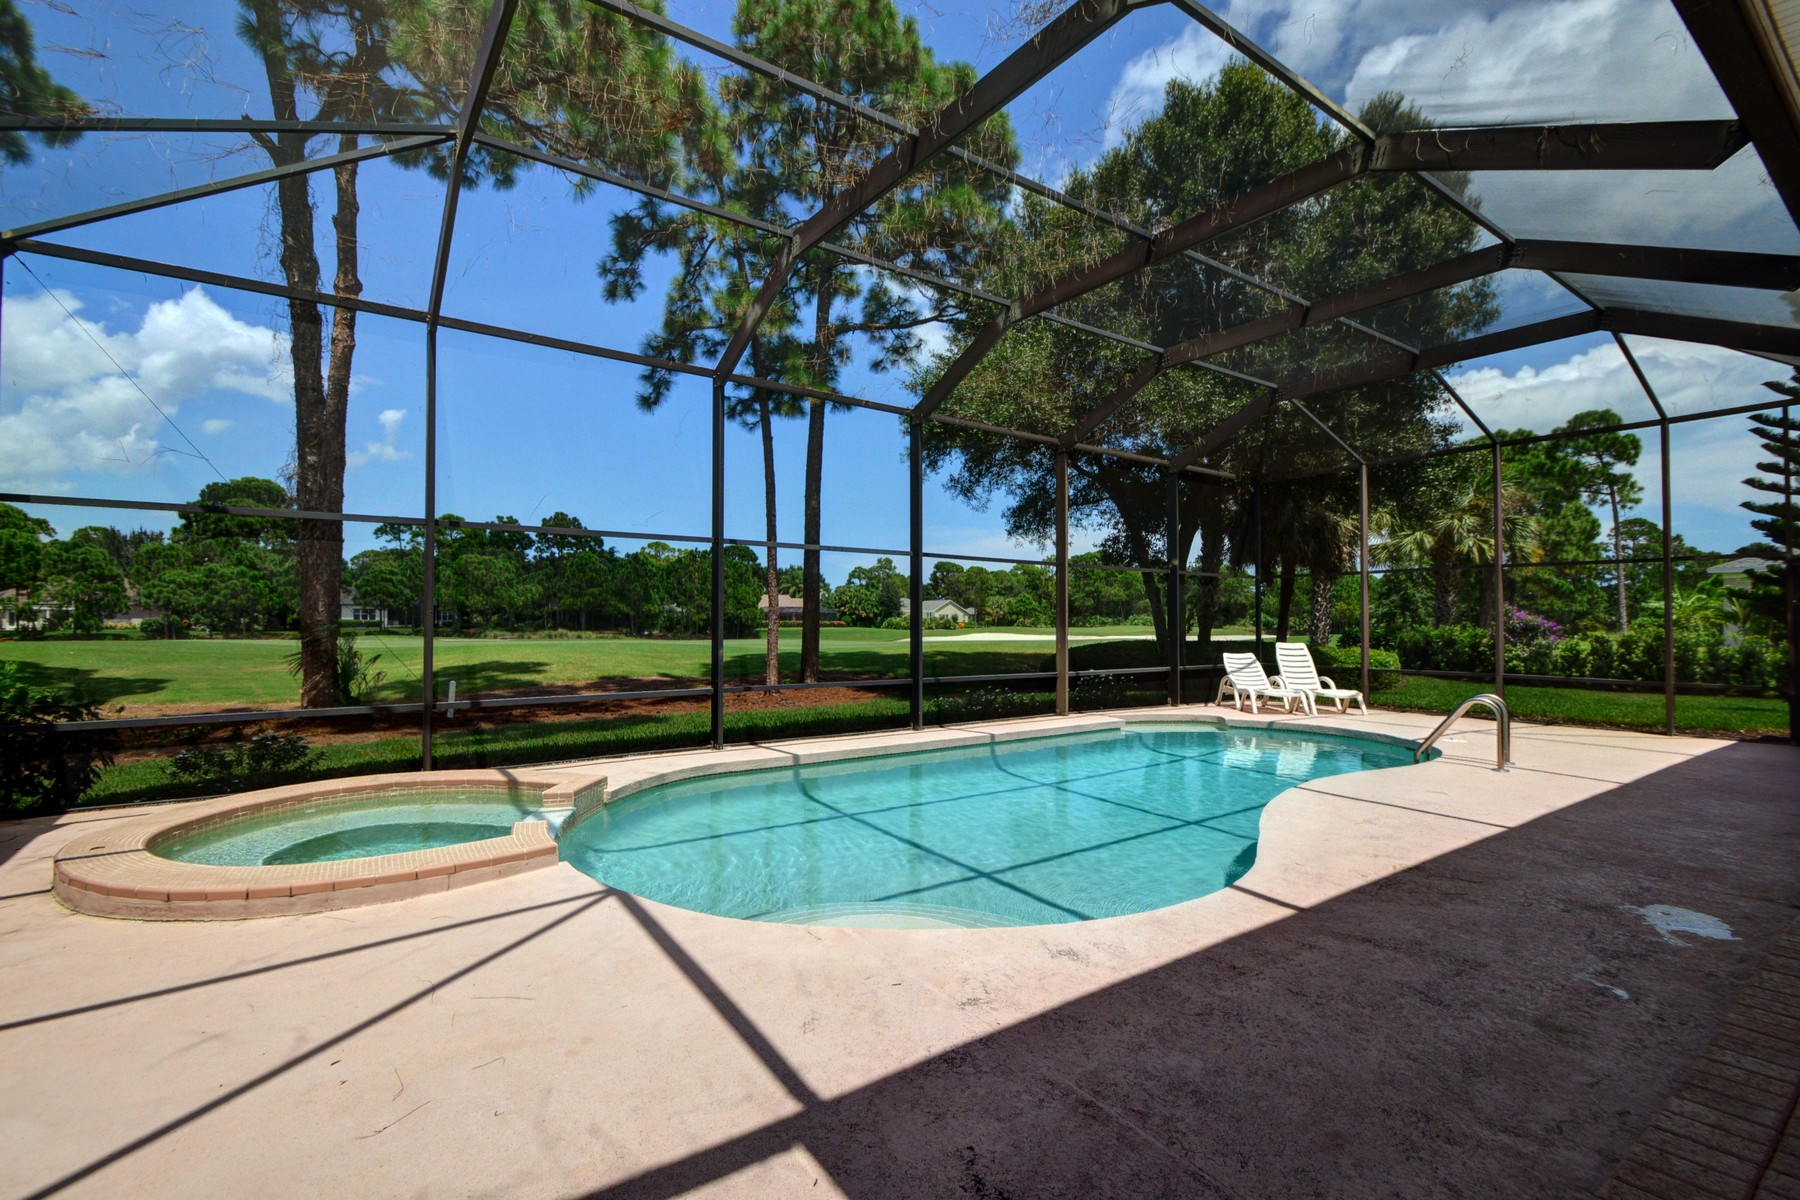 단독 가정 주택 용 매매 에 Spectacular home on golf course with lake views 960 Wood Haven Lane SW Vero Beach, 플로리다 32962 미국